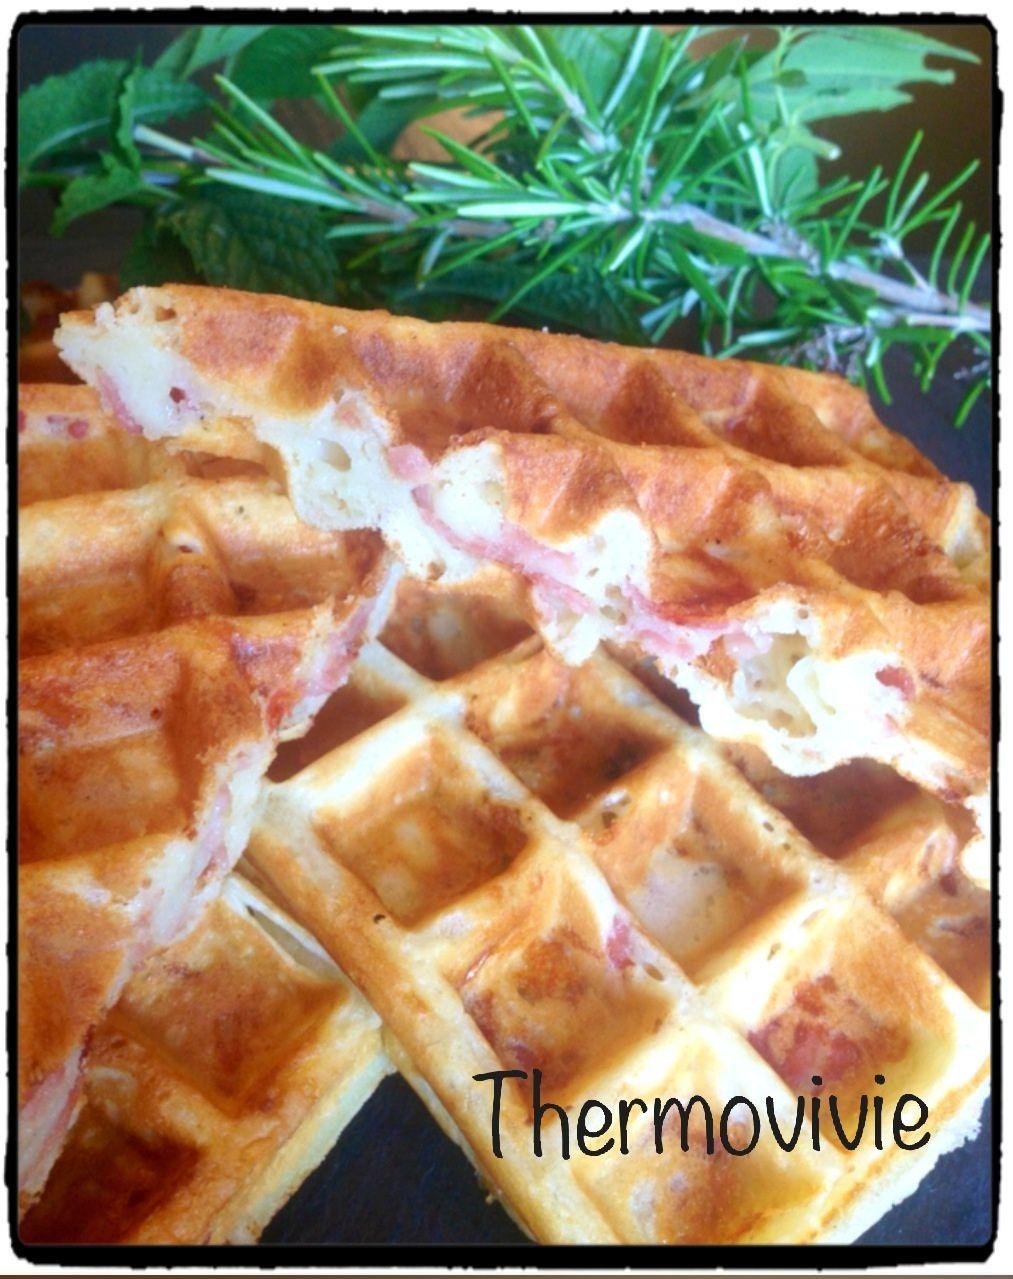 thermovivie